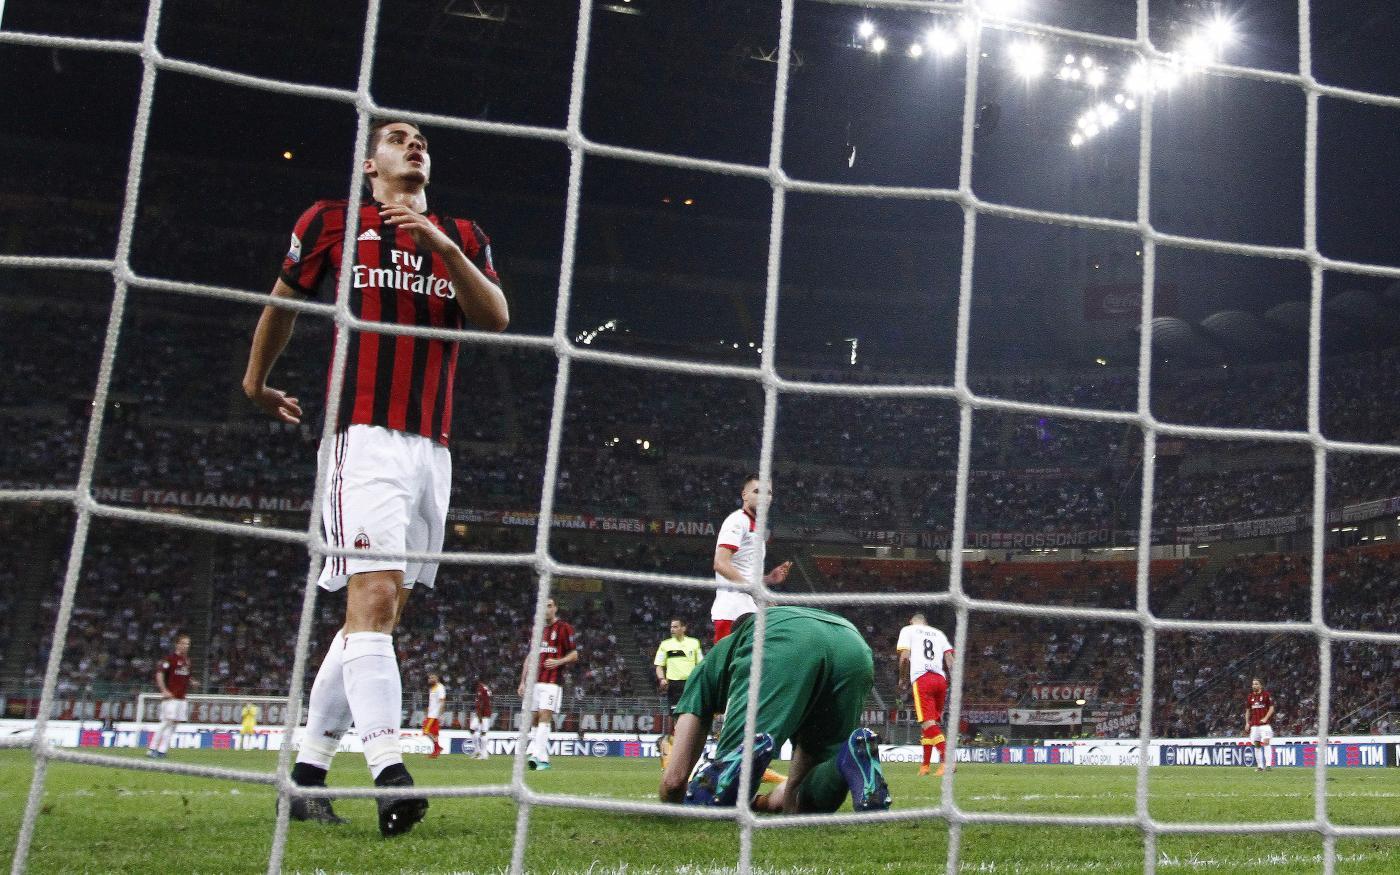 Nel terzo anticipo della 34.ma giornata di campionato, il Milan crolla in casa contro il Benevento e resta fermo a quota 54 punti. A San Siro finisce 1-0 per la squadra di De Zerbi, che passa grazie al gol di Iemmello al 16' e poi chiude in 10 per l'espulsione di Diabaté (doppia ammonizione) all'80'. I campani grazie a questi tre punti salgono a 17 e rinviano la matematica retrocessione in Serie B.